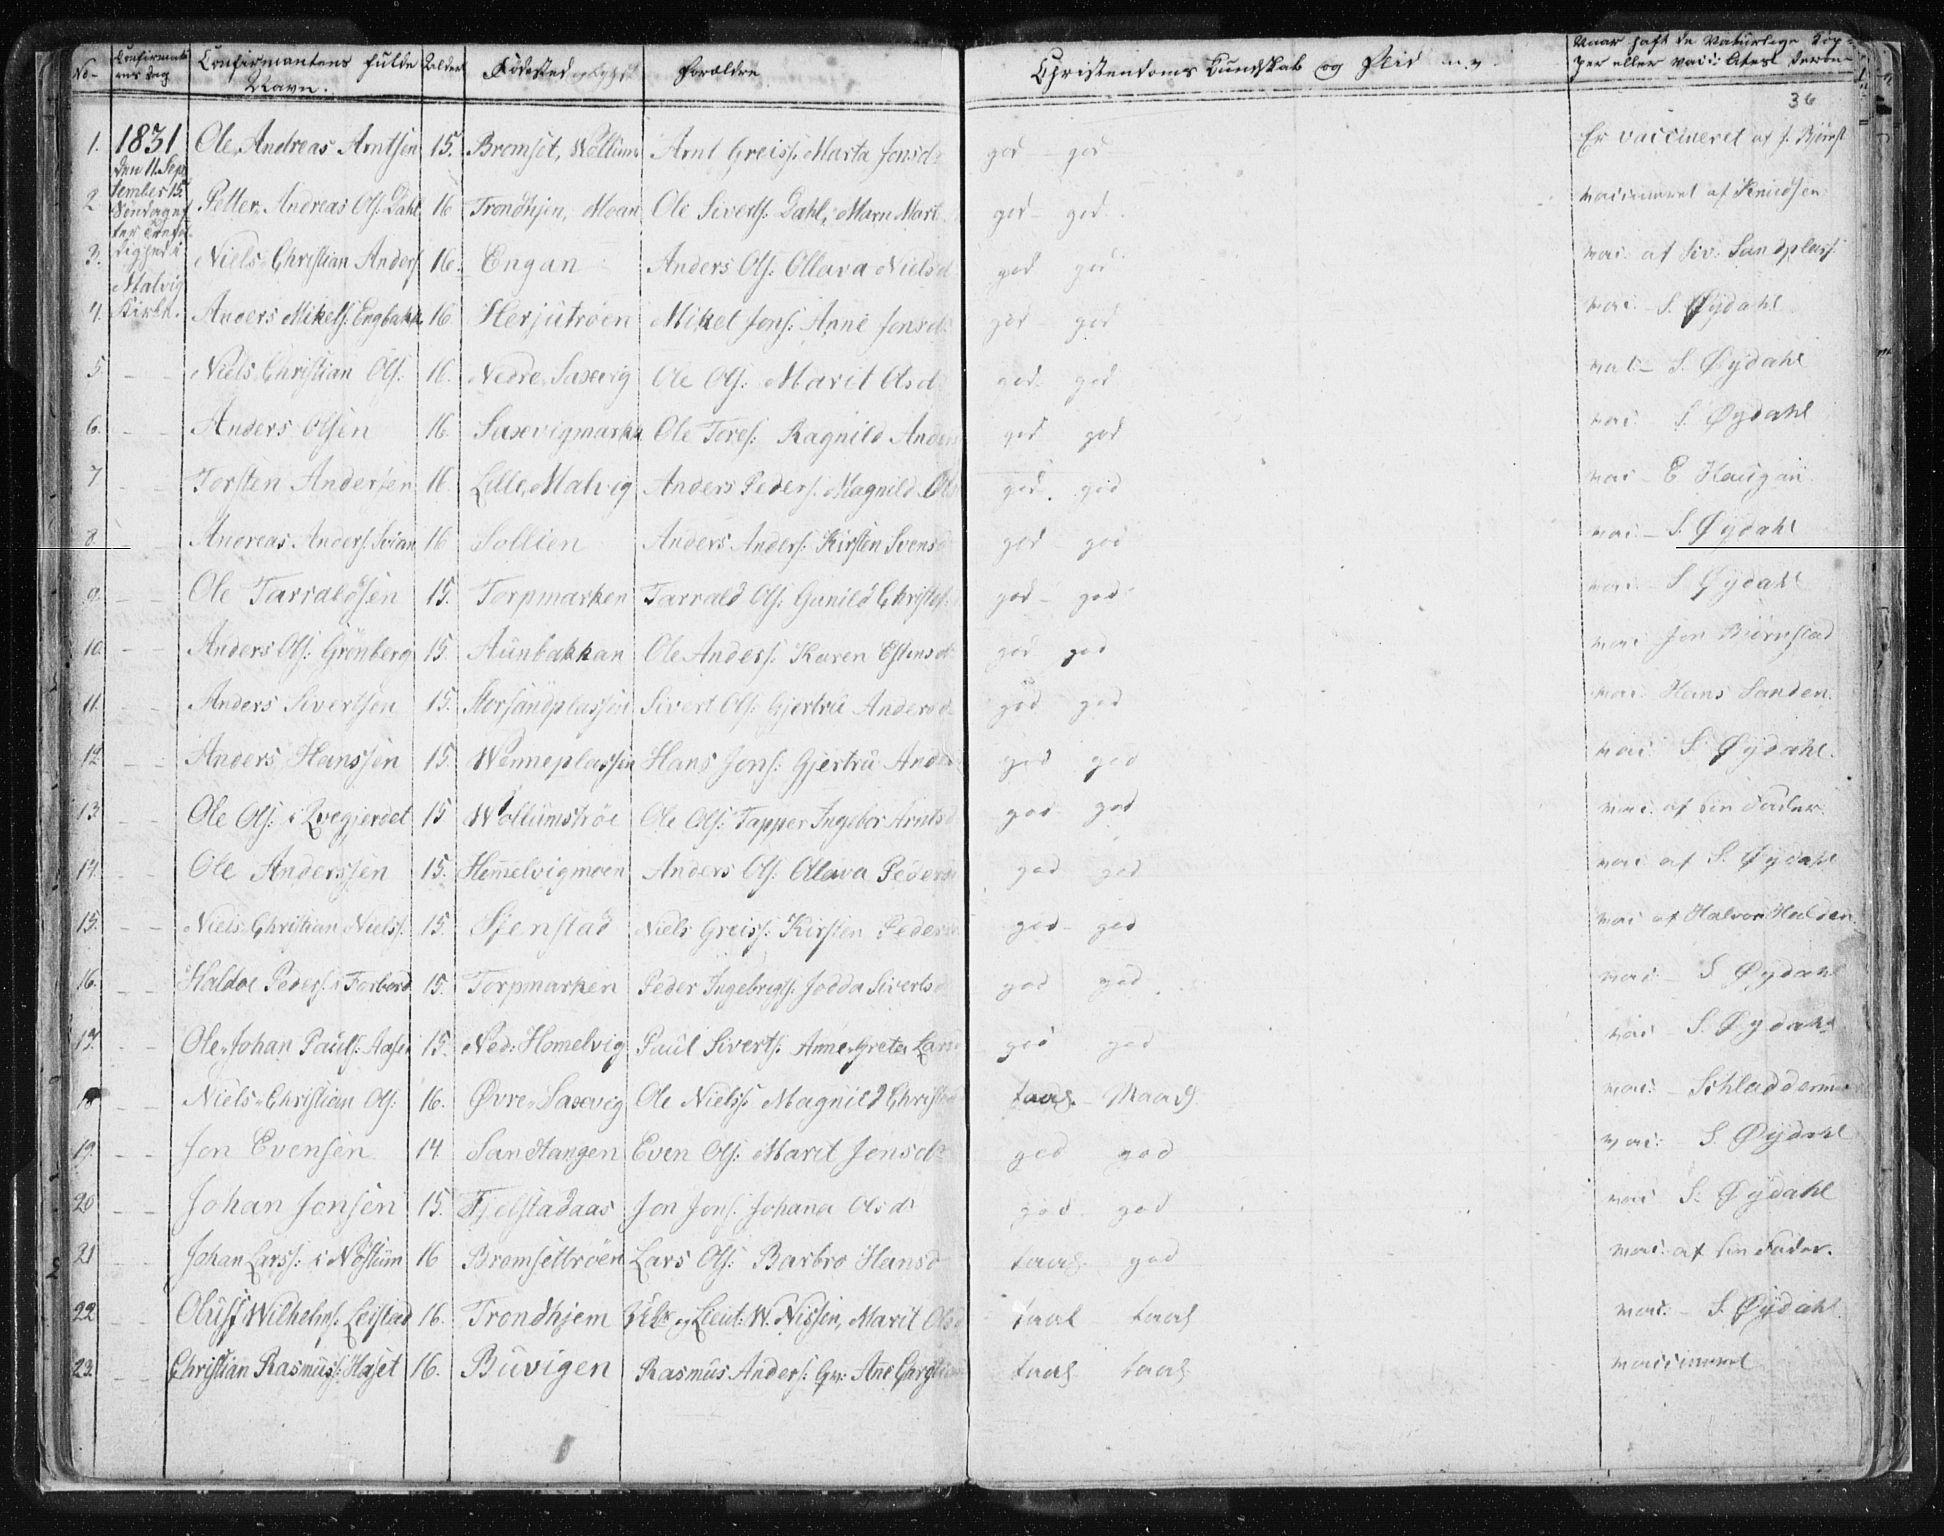 SAT, Ministerialprotokoller, klokkerbøker og fødselsregistre - Sør-Trøndelag, 616/L0404: Ministerialbok nr. 616A01, 1823-1831, s. 36